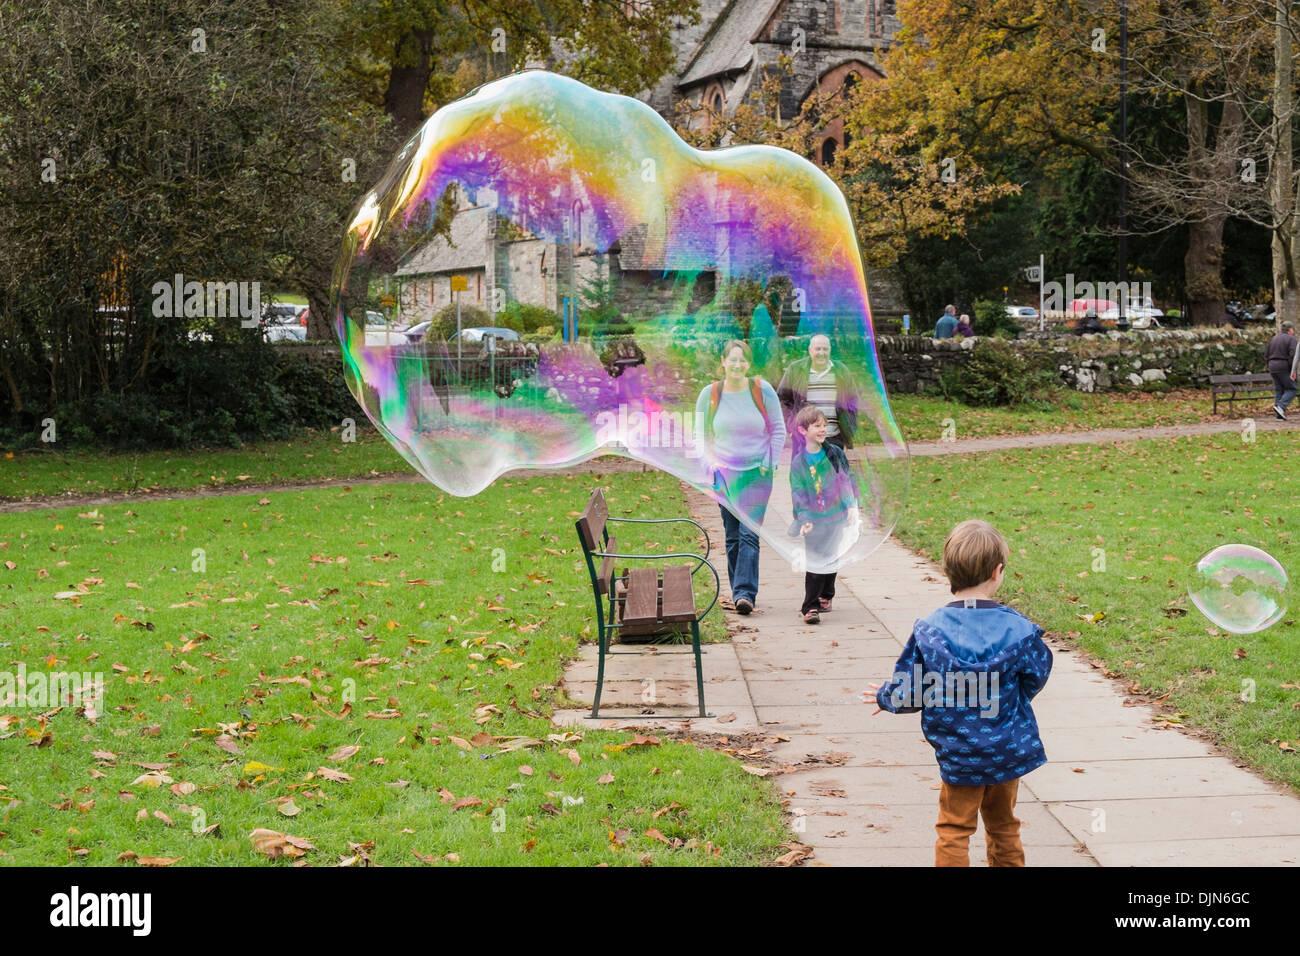 Un joven se divierte con una gigantesca burbuja de jabón que muestra los colores del arco iris y la gente sonríe en Betws-y-Coed, Conwy, North Wales, REINO UNIDO Imagen De Stock